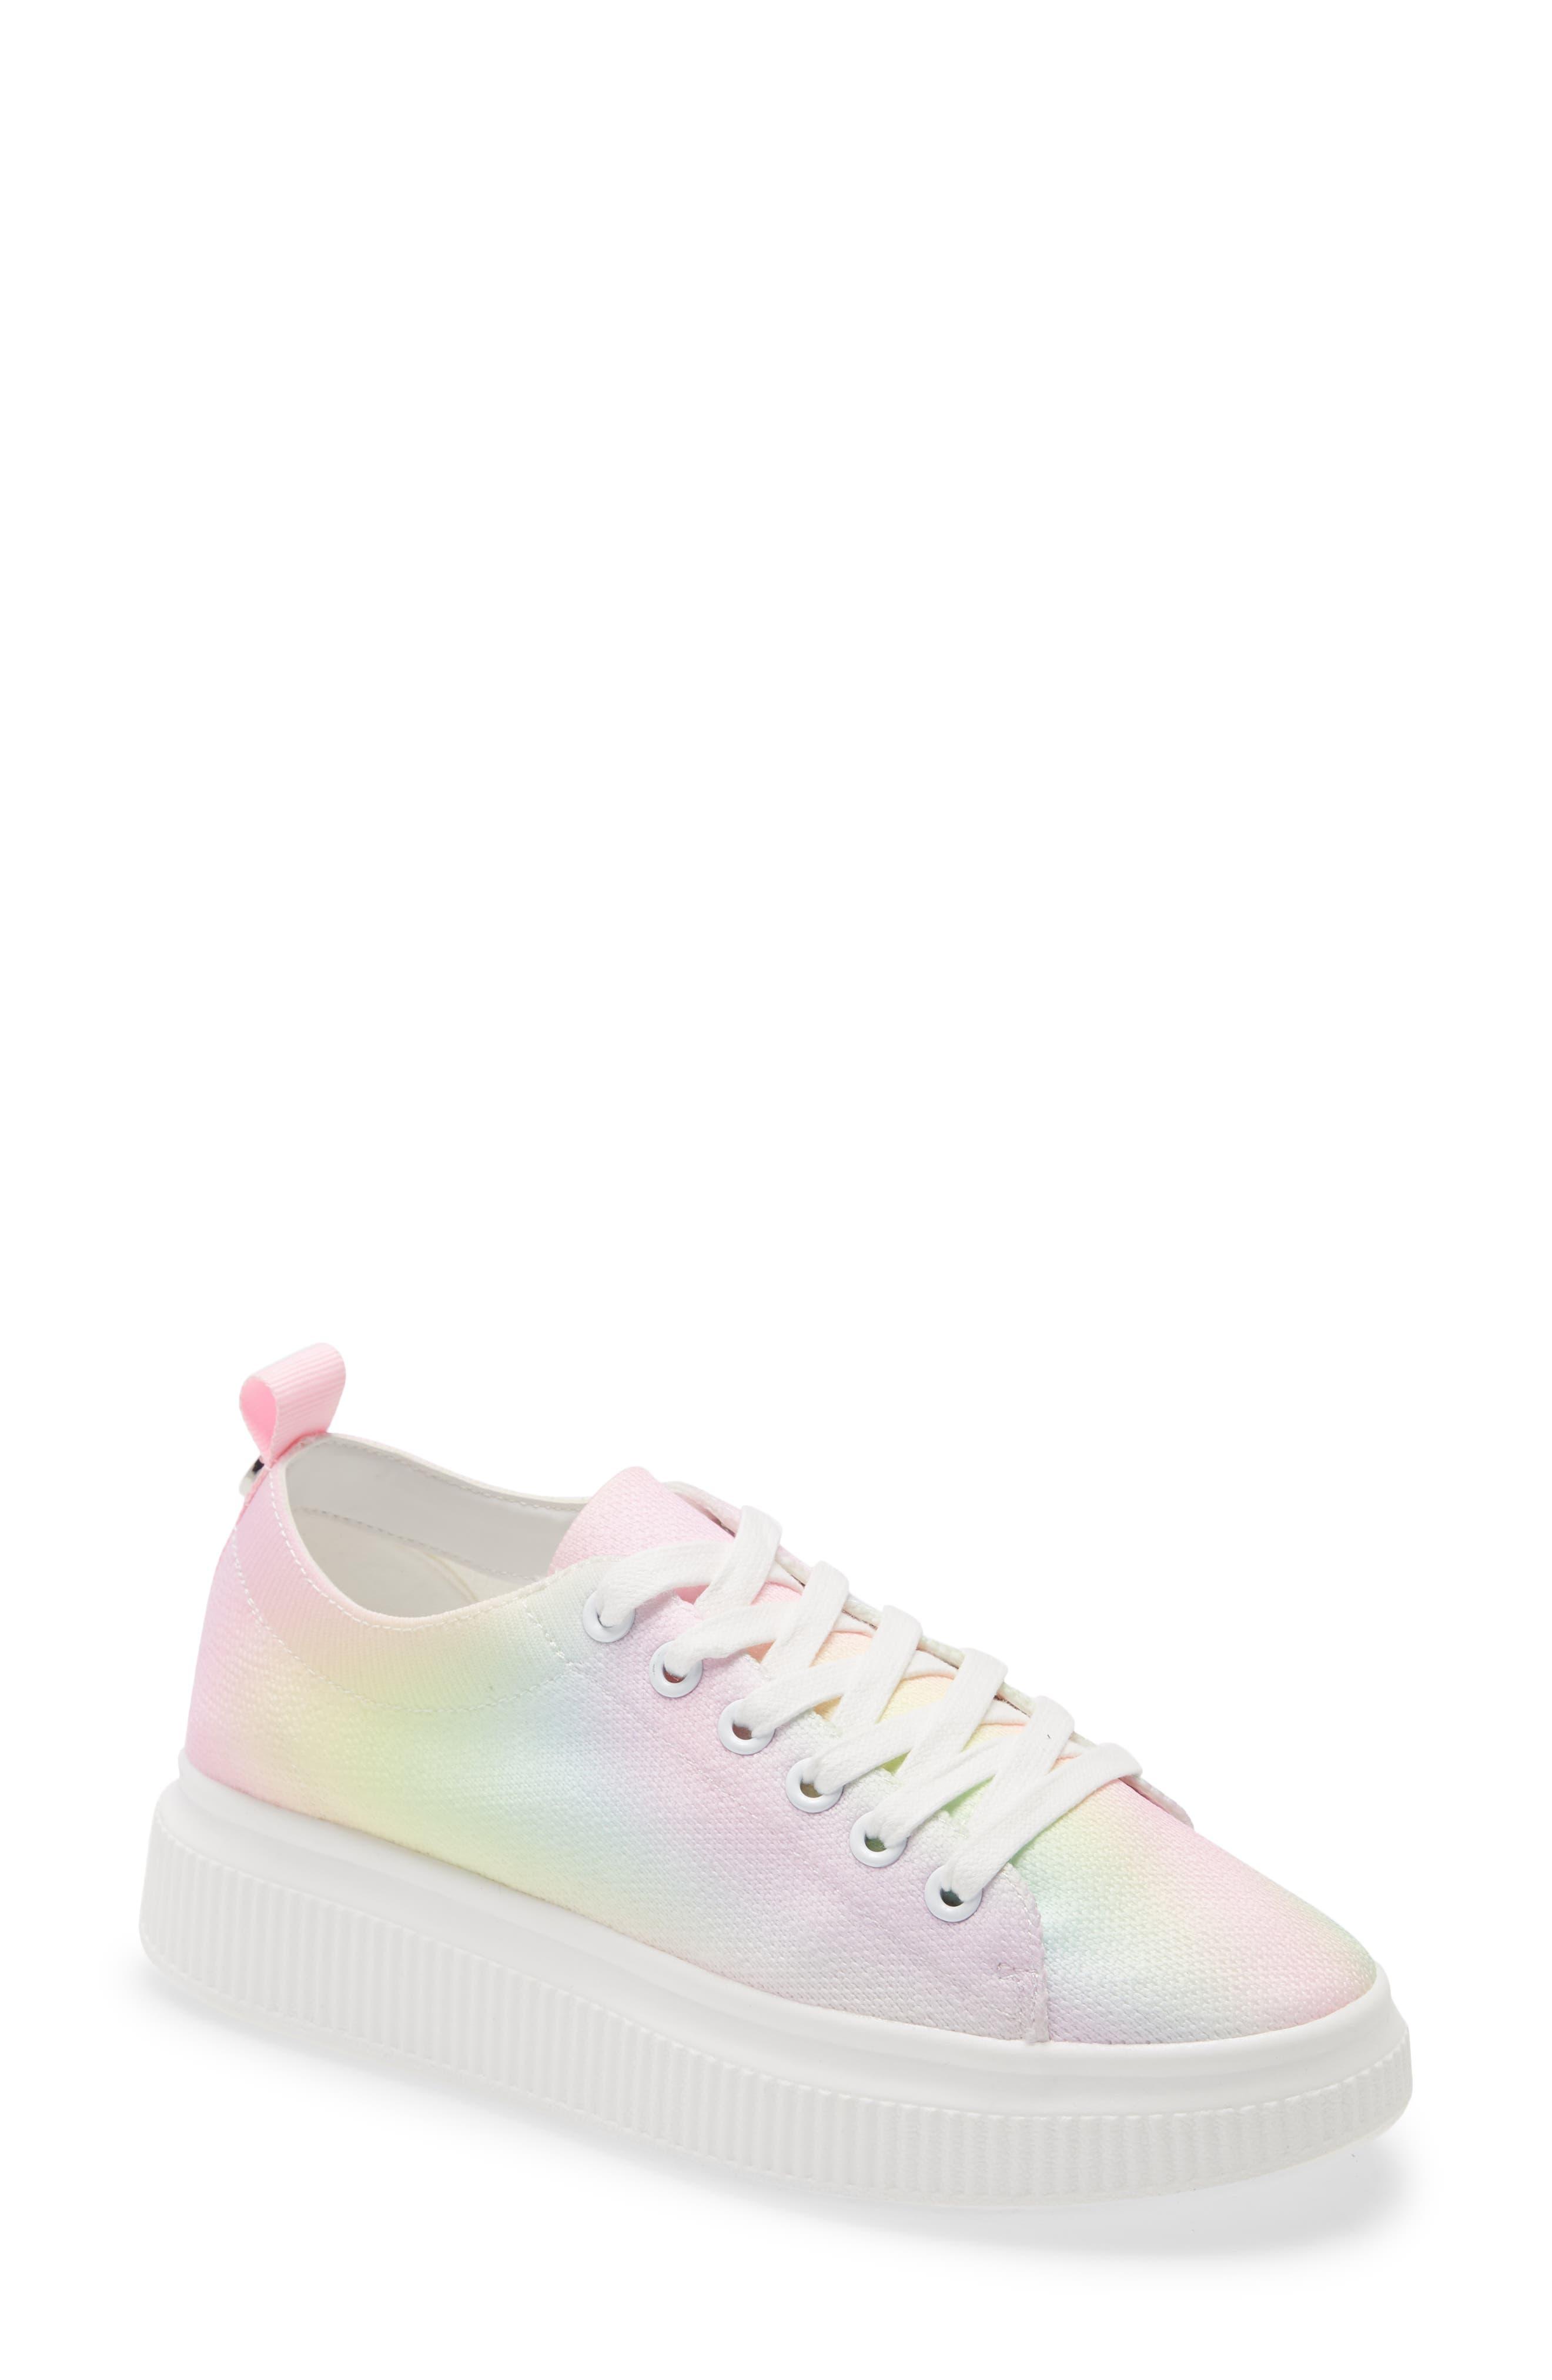 Sonny Sneaker